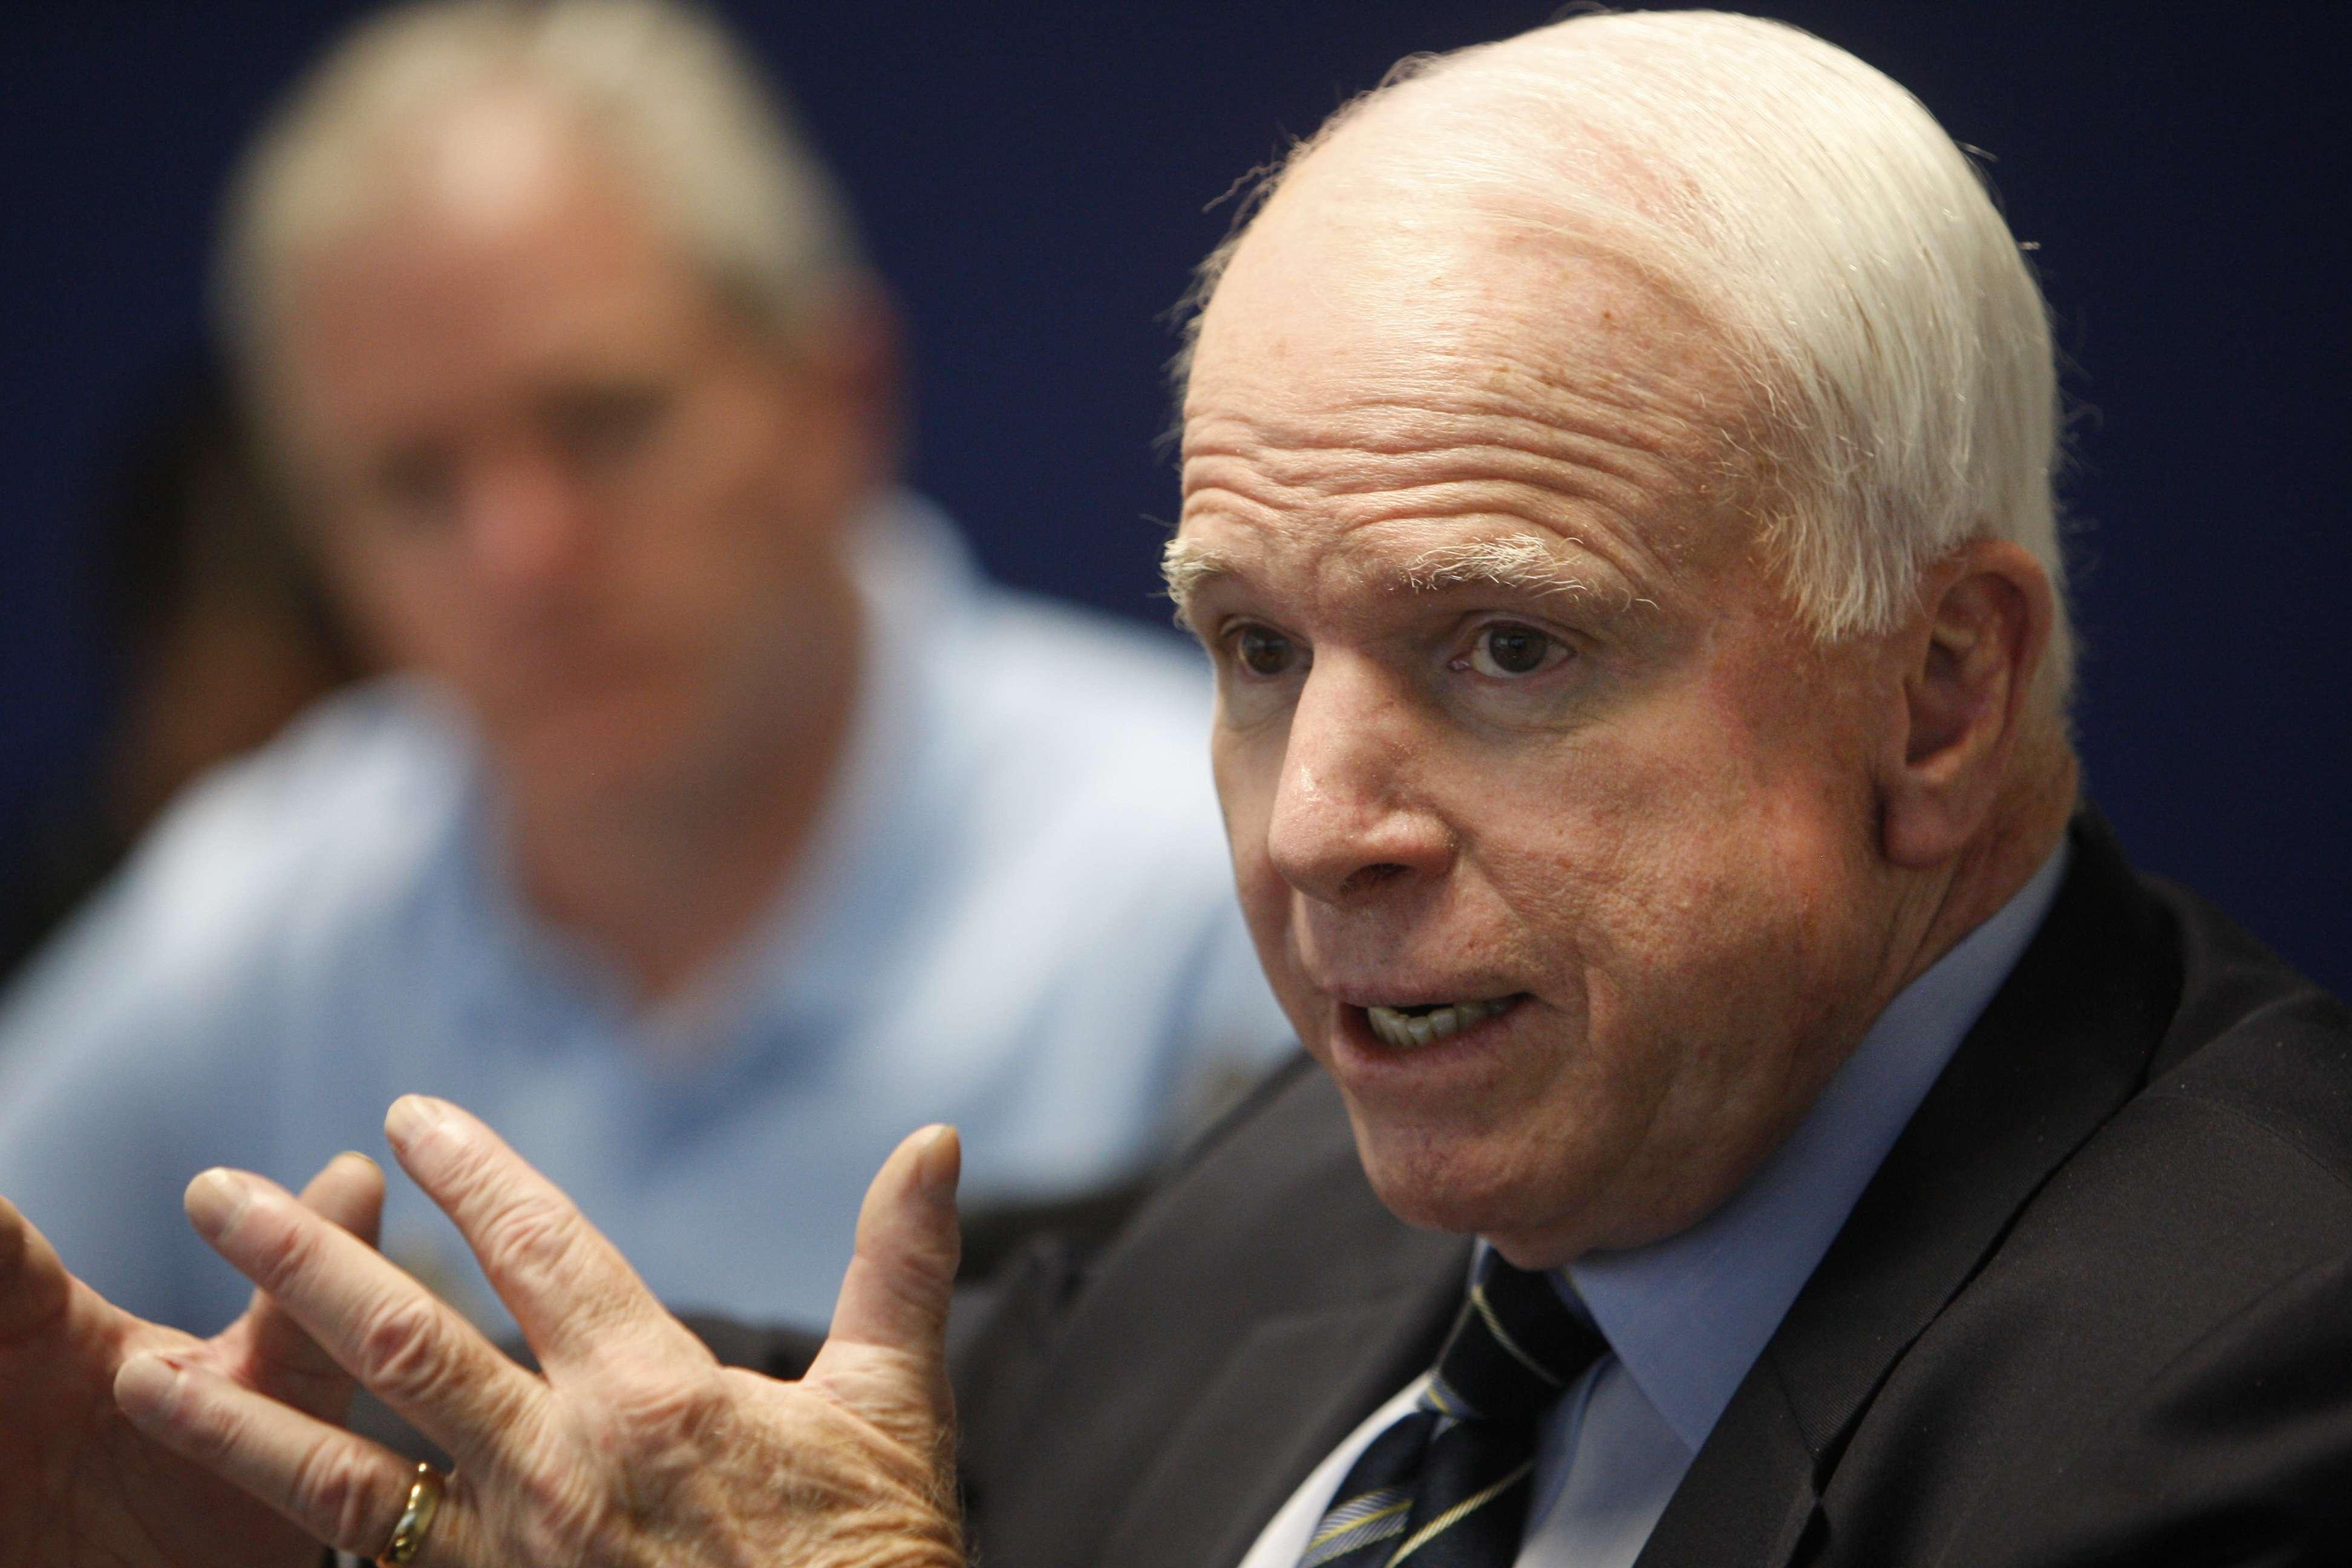 Políticos critican proceder de Obama en crisis internacional